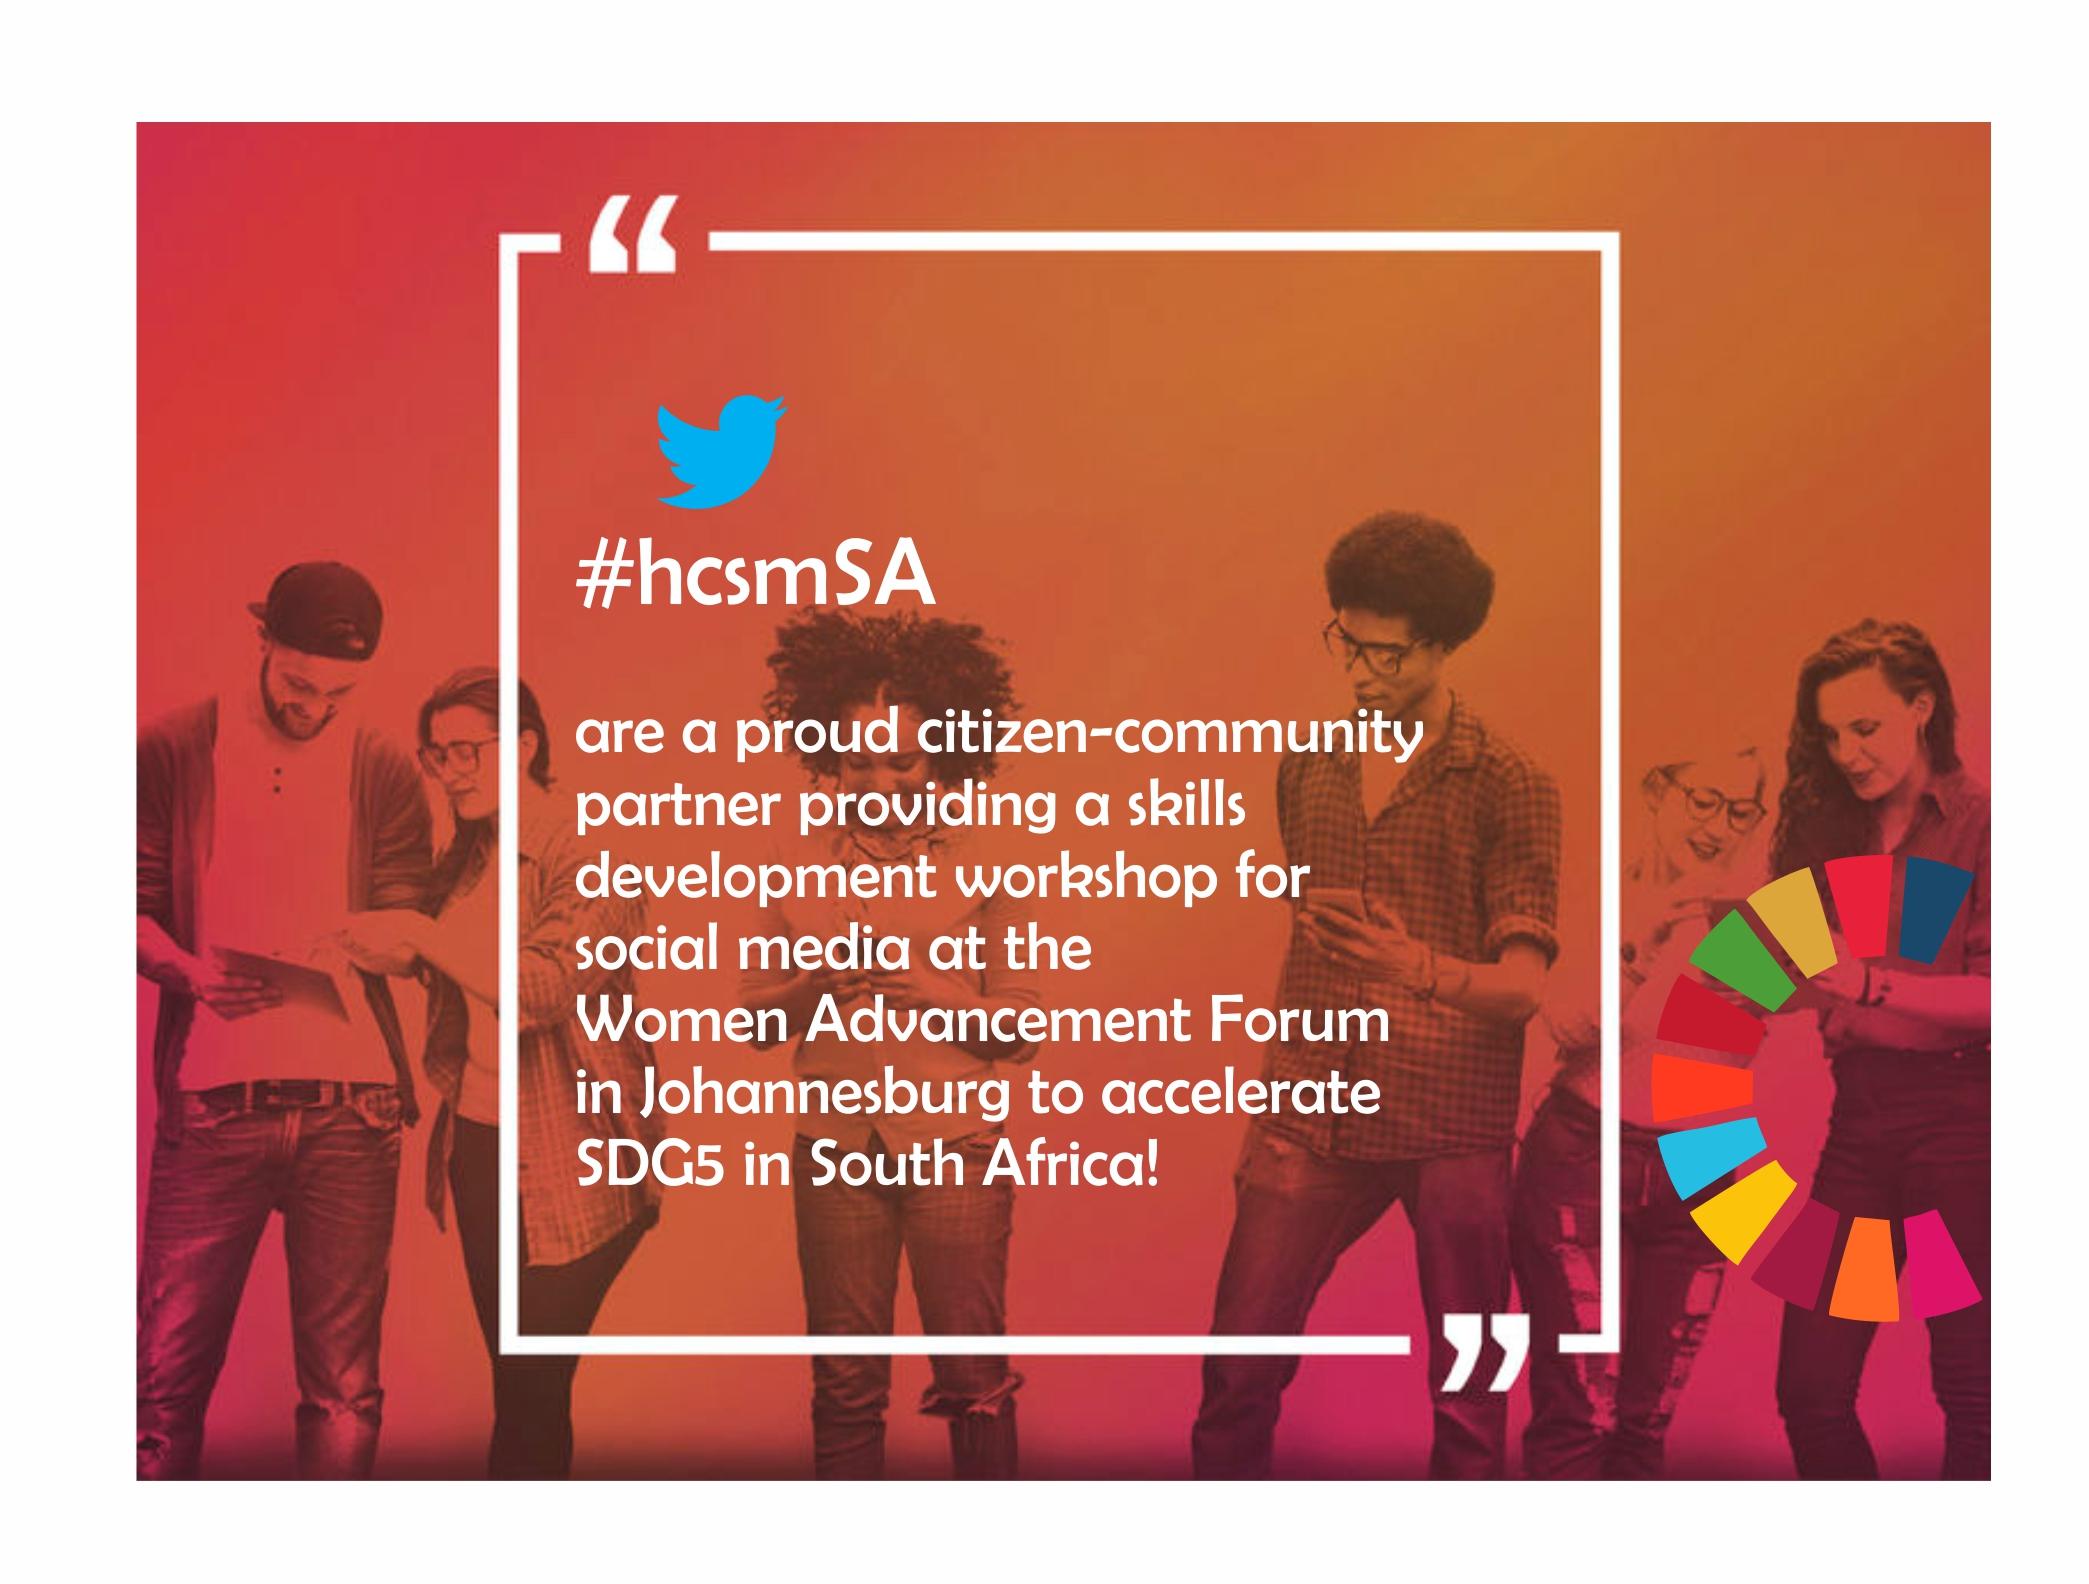 Women Advancement Forum South Africa, December 2016